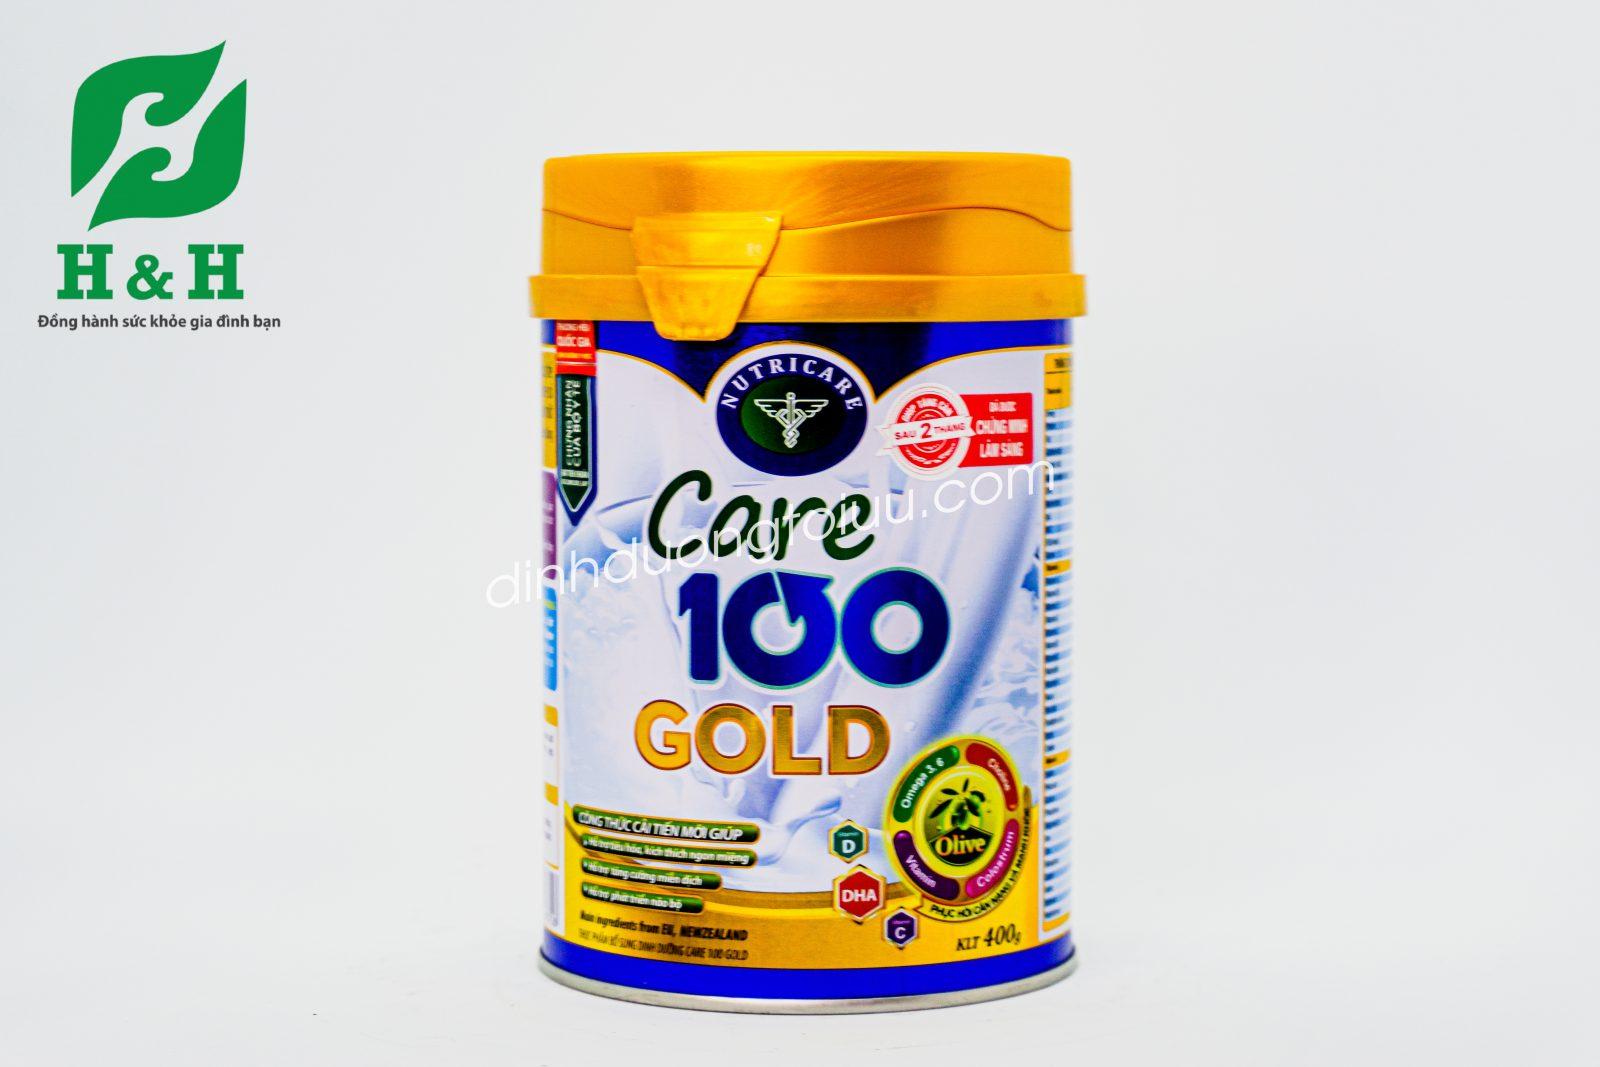 Sữa Care 100 Gold dành cho trẻ 1 -10 tuổi - Đánh bay suy dinh dưỡng, thấp còi